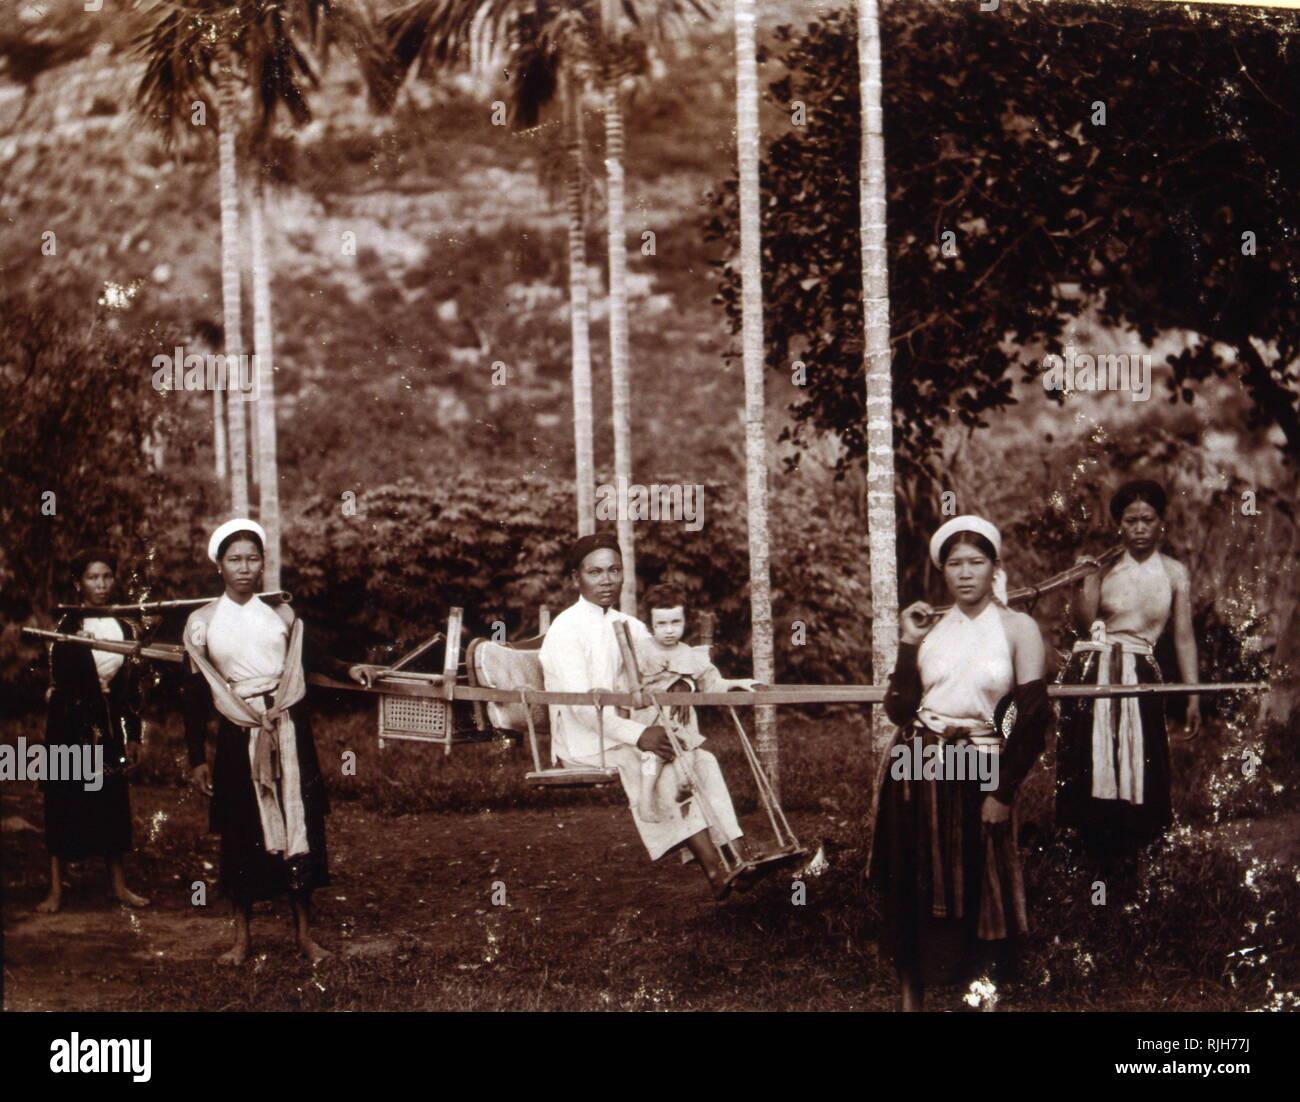 Coloniale Francese proprietario di piantagione della figlia, è portato da agenti su una lettiera Vietnam; Fotografia; 1895 Immagini Stock